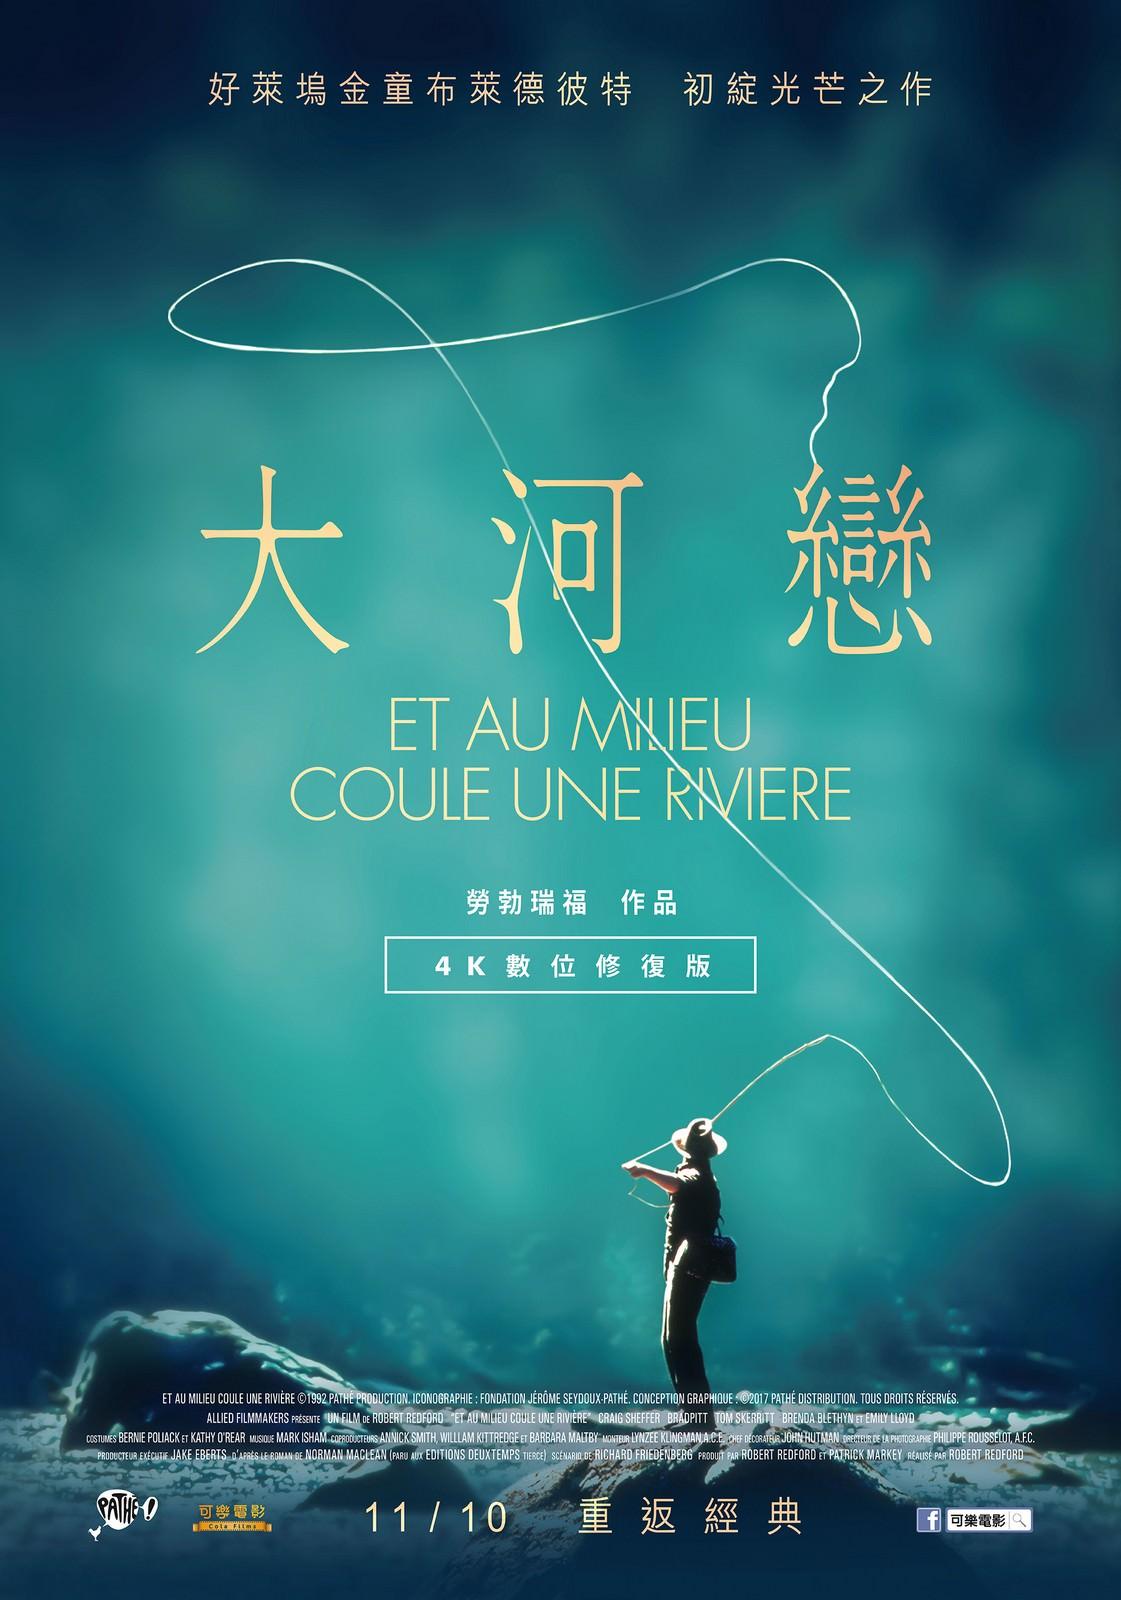 Movie, A River Runs Through It(美國, 1992年) / 大河戀(台灣) / 川流歲月(香港), 電影海報, 台灣